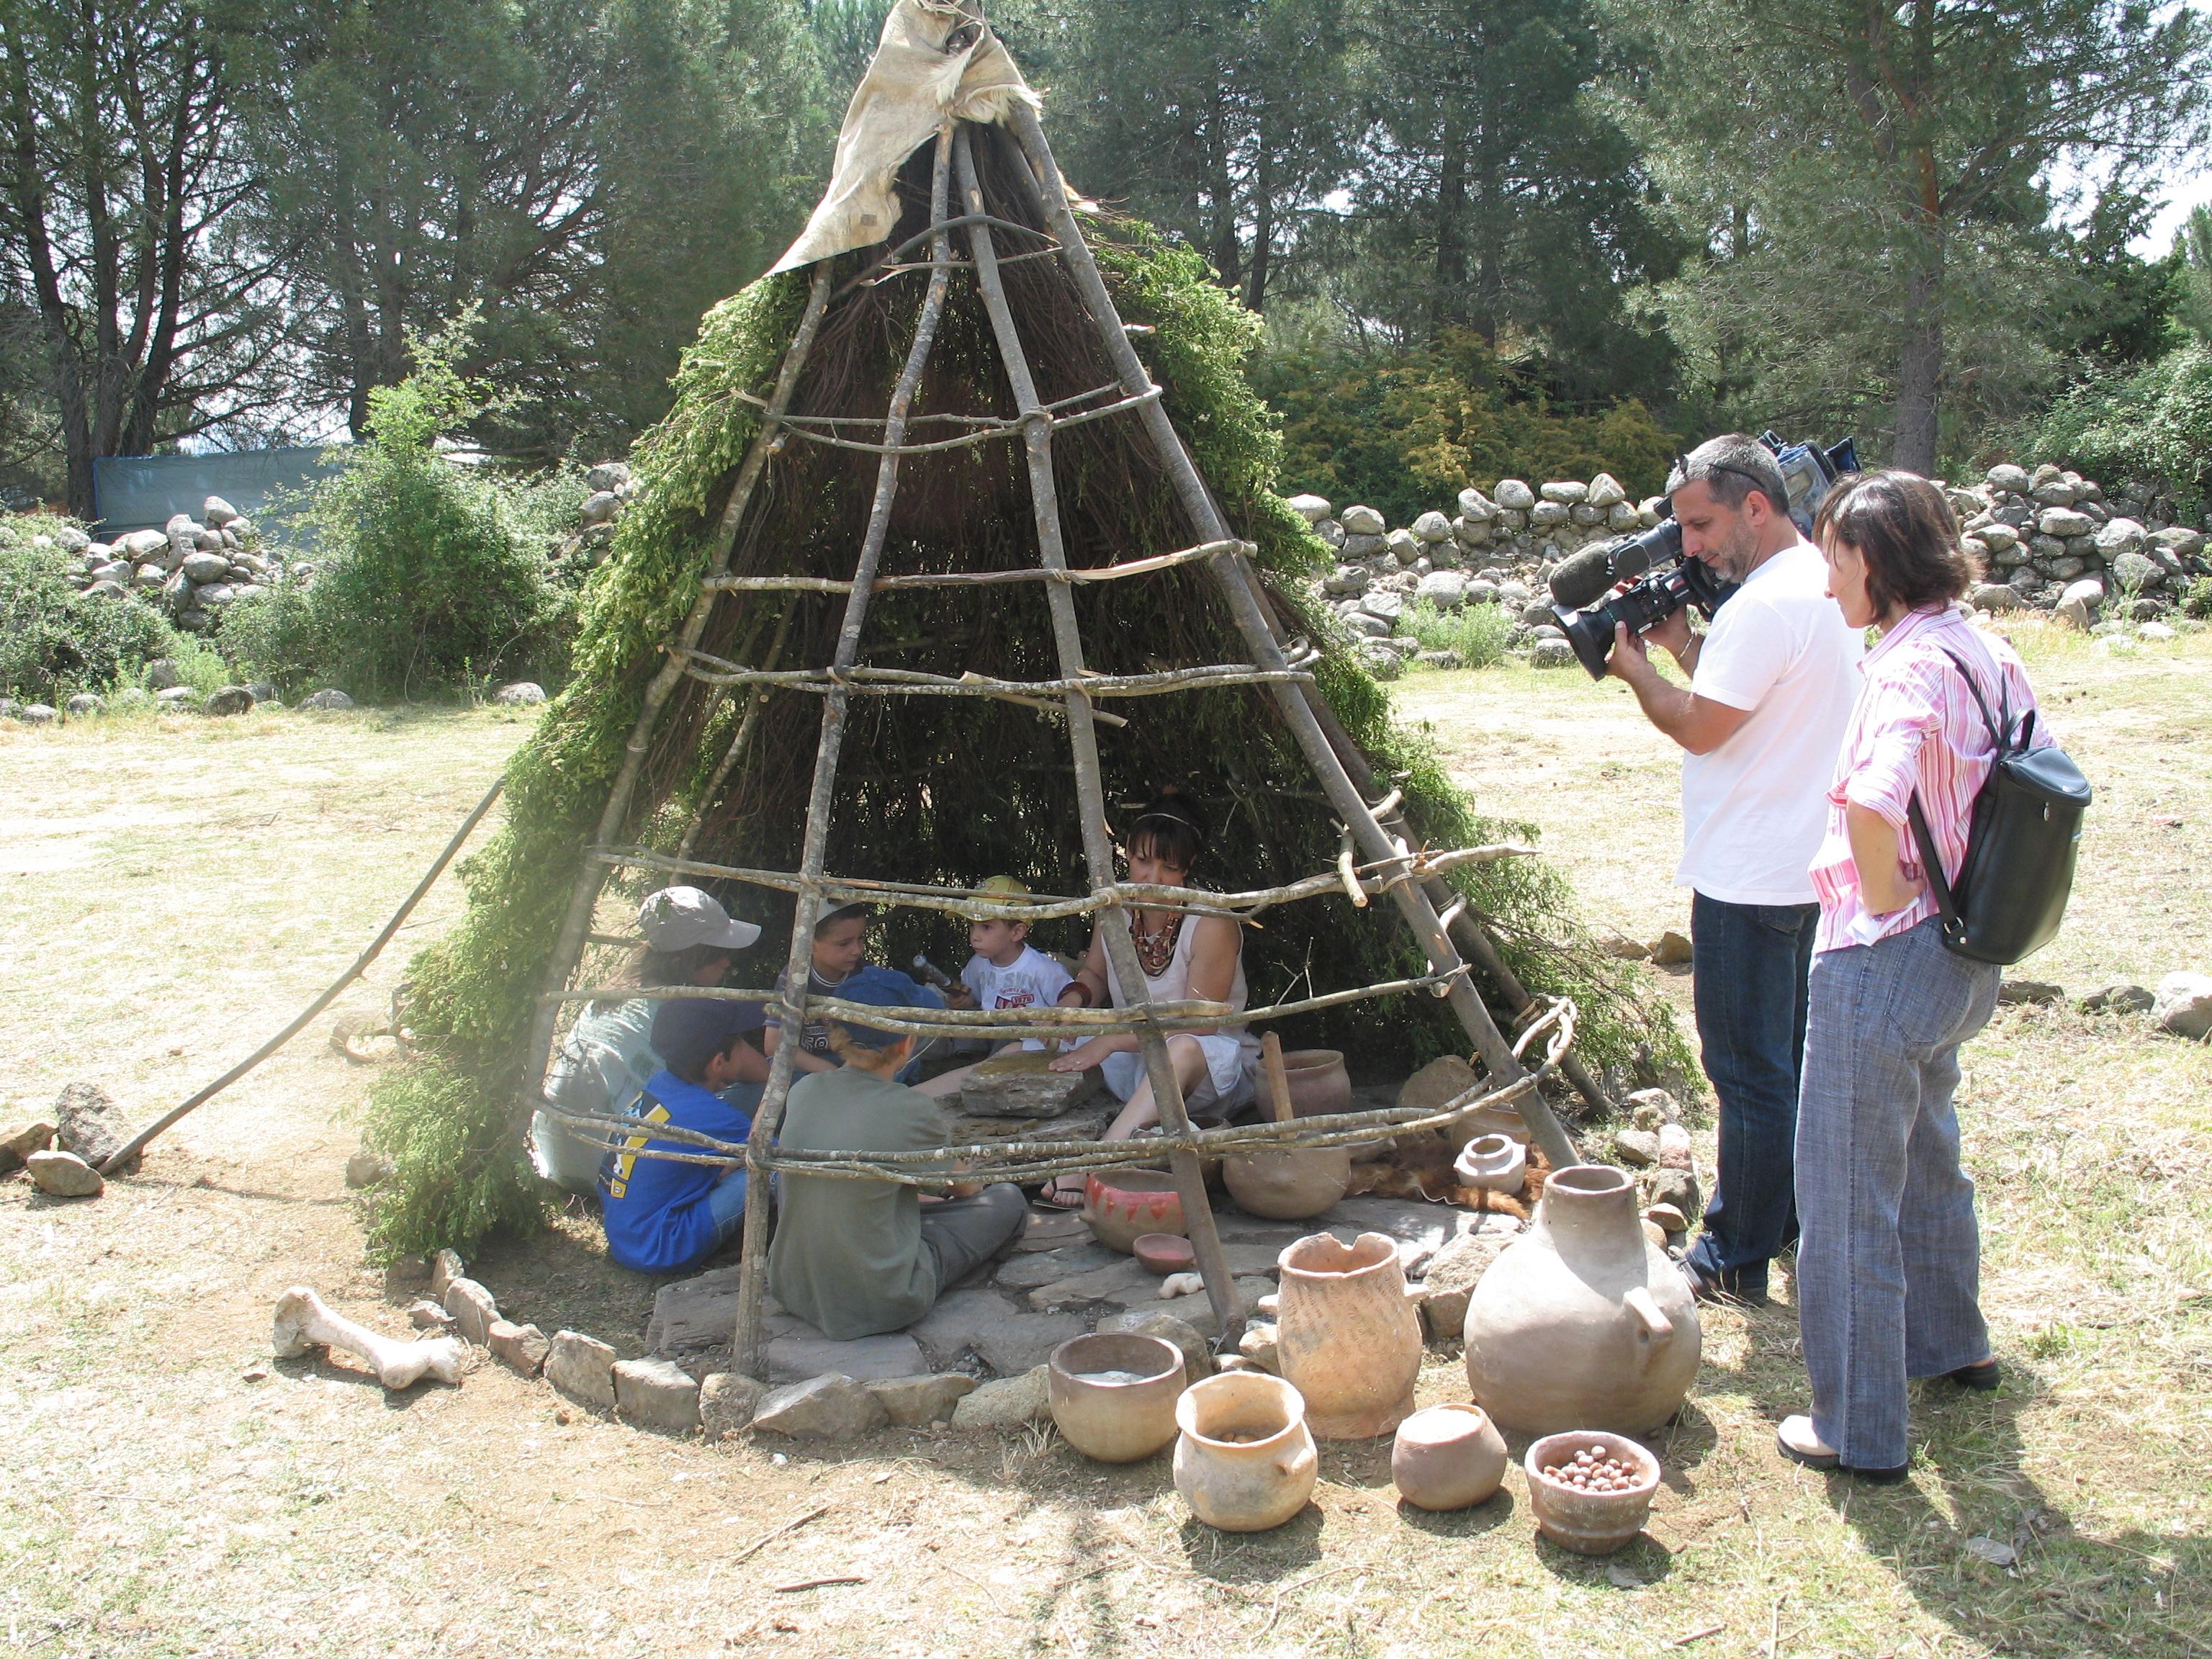 réalisation de poteries avec les enfants